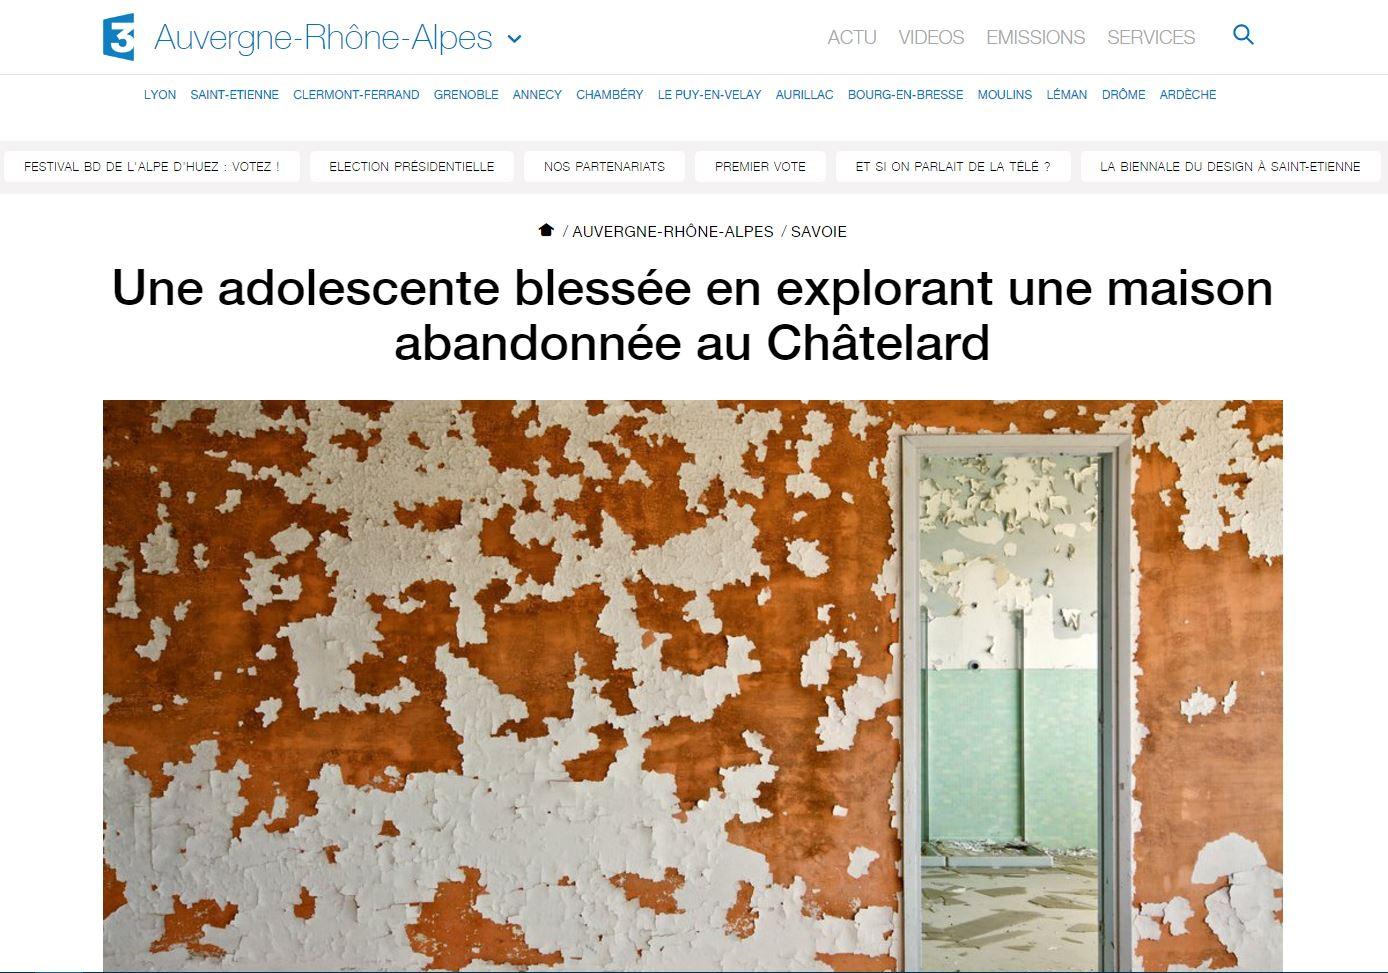 http://france3-regions.francetvinfo.fr/auvergne-rhone-alpes/savoie/adolescente-blessee-explorant-maison-abandonnee-1212681.html